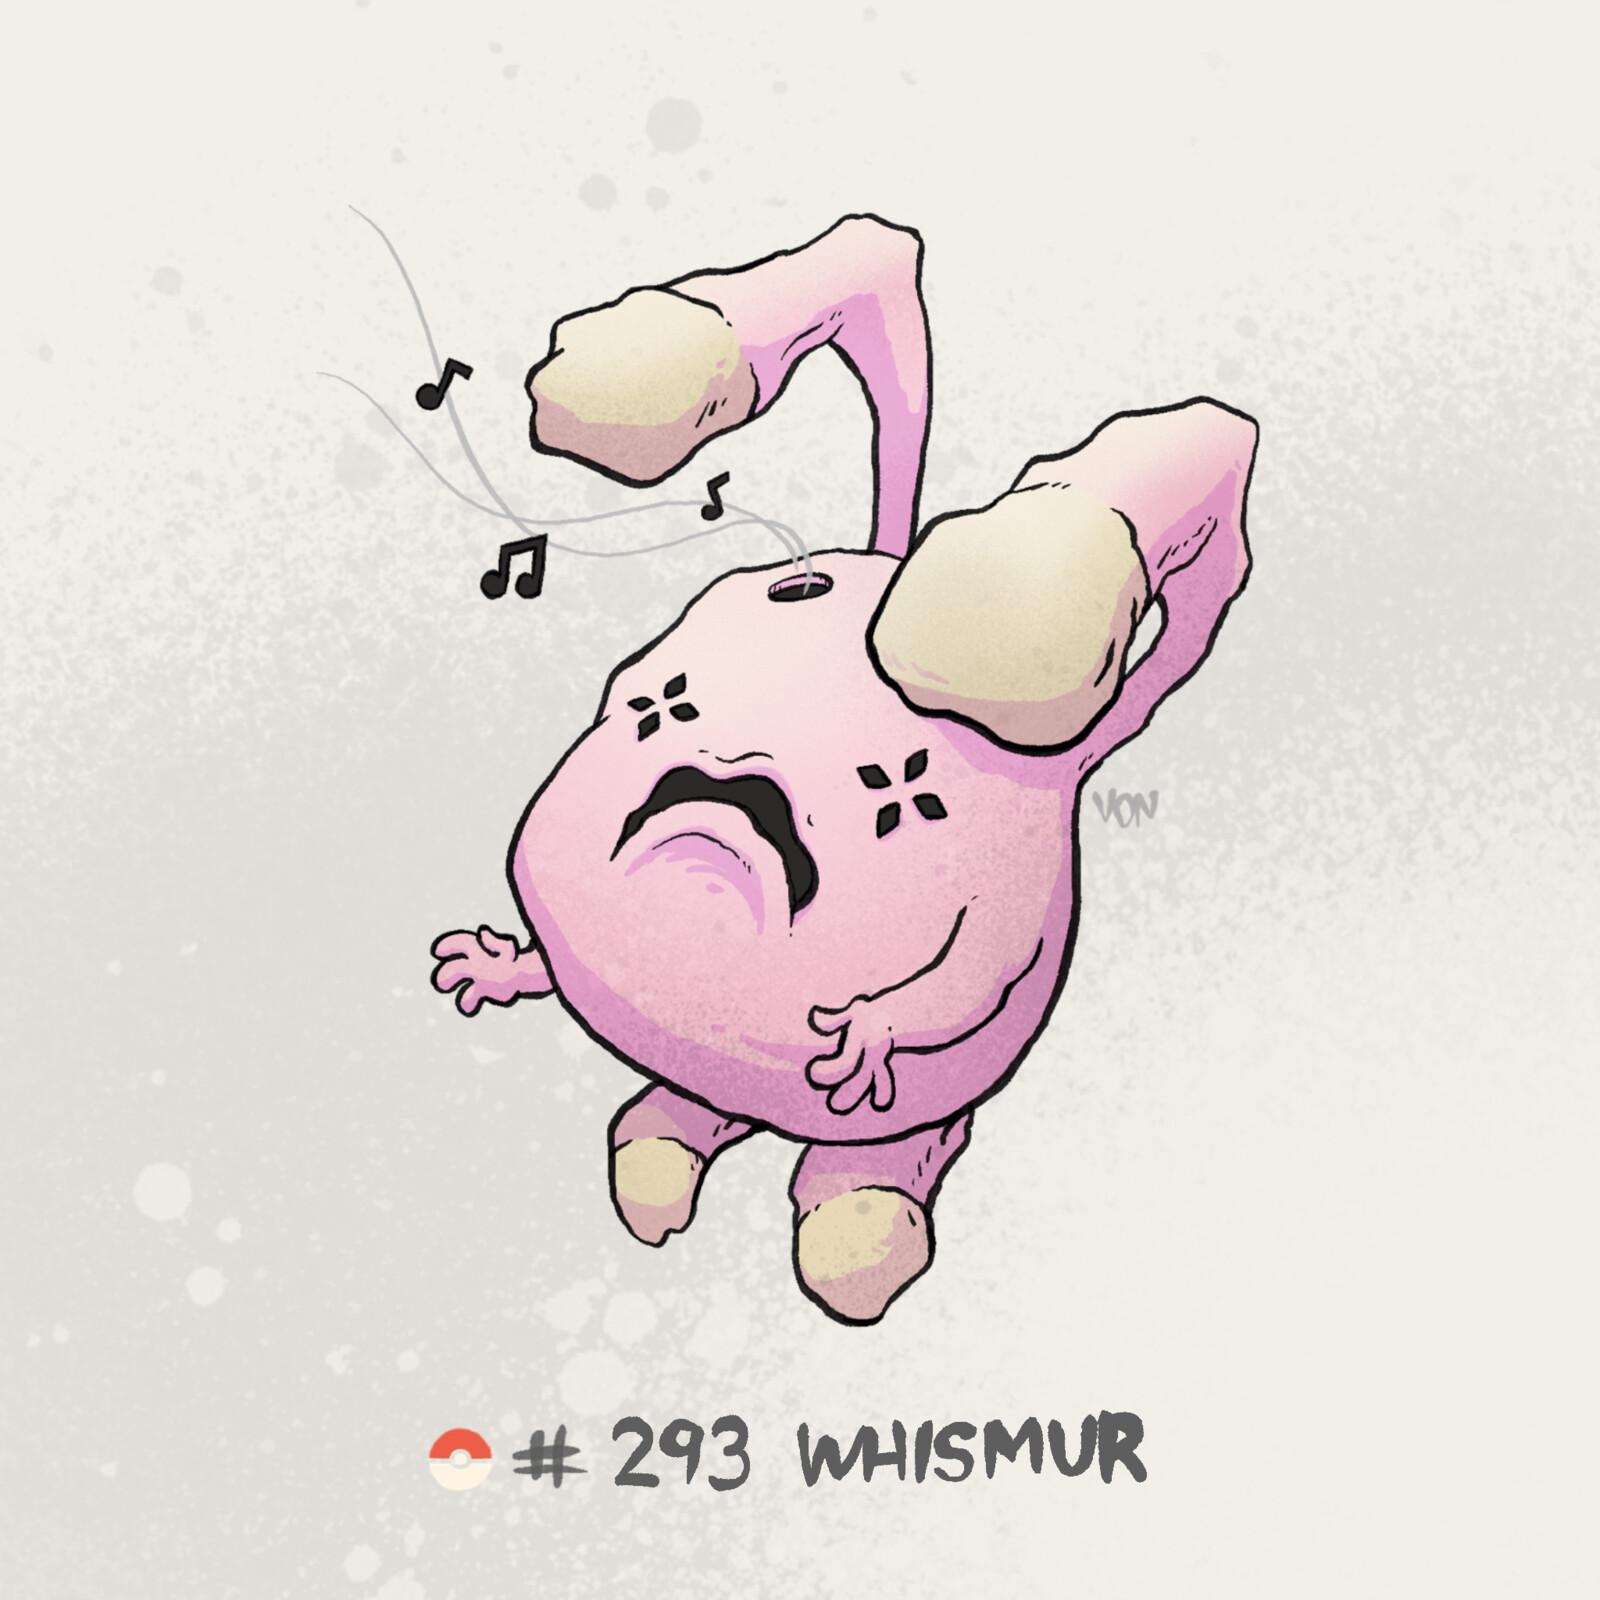 #293 Whismur